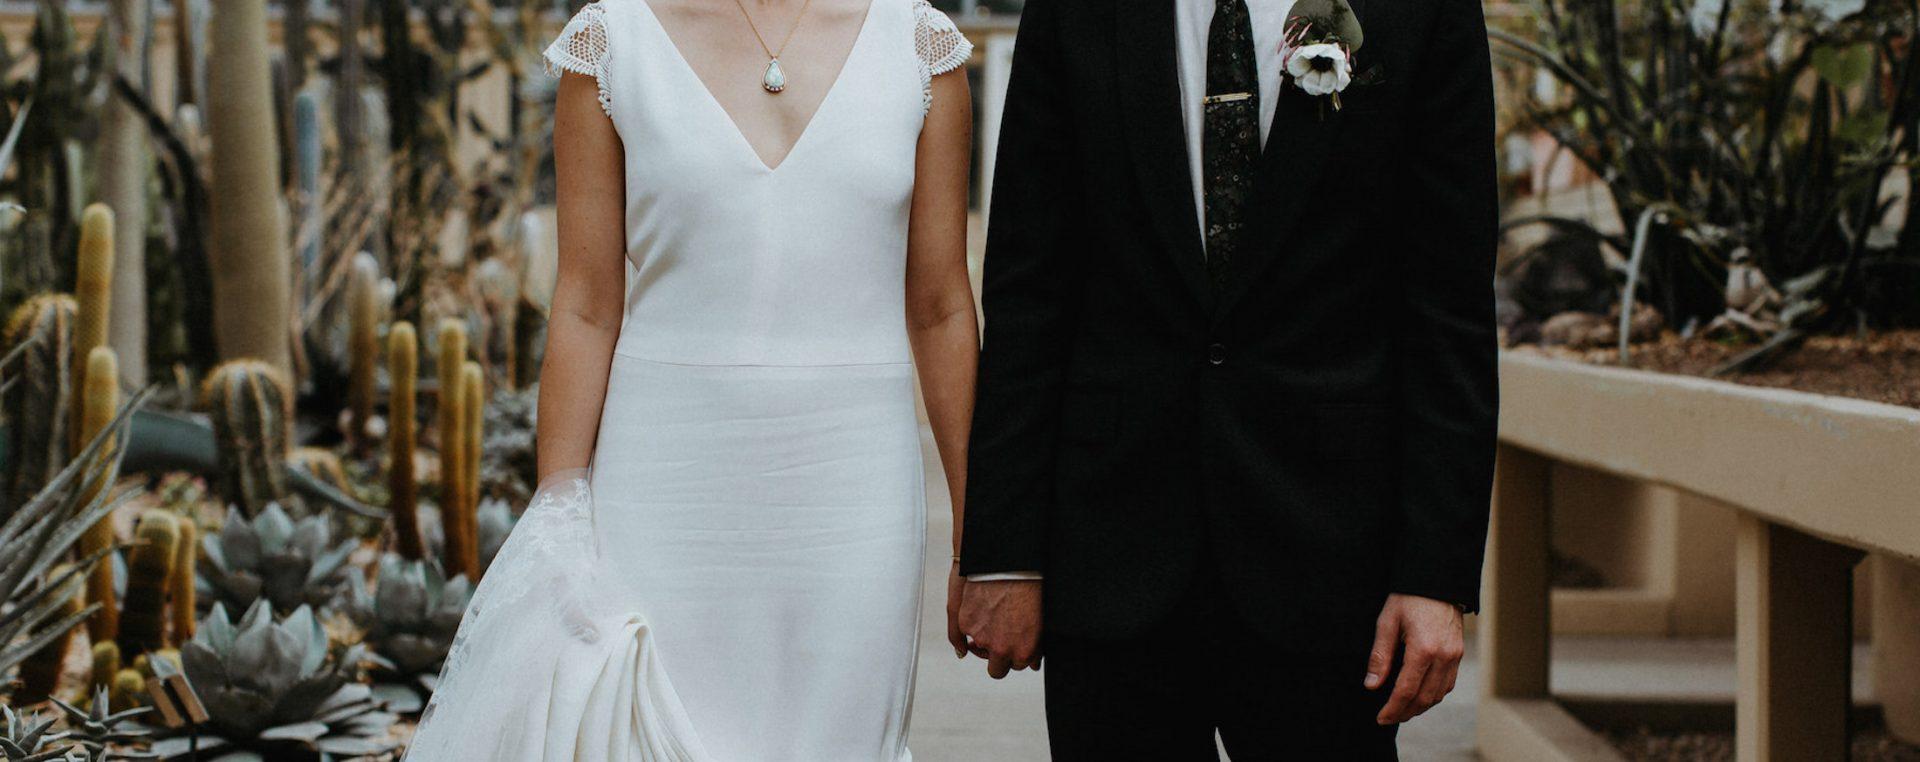 Garfield Park Conservatory Wedding, Chicago ~ Elly & Daniel